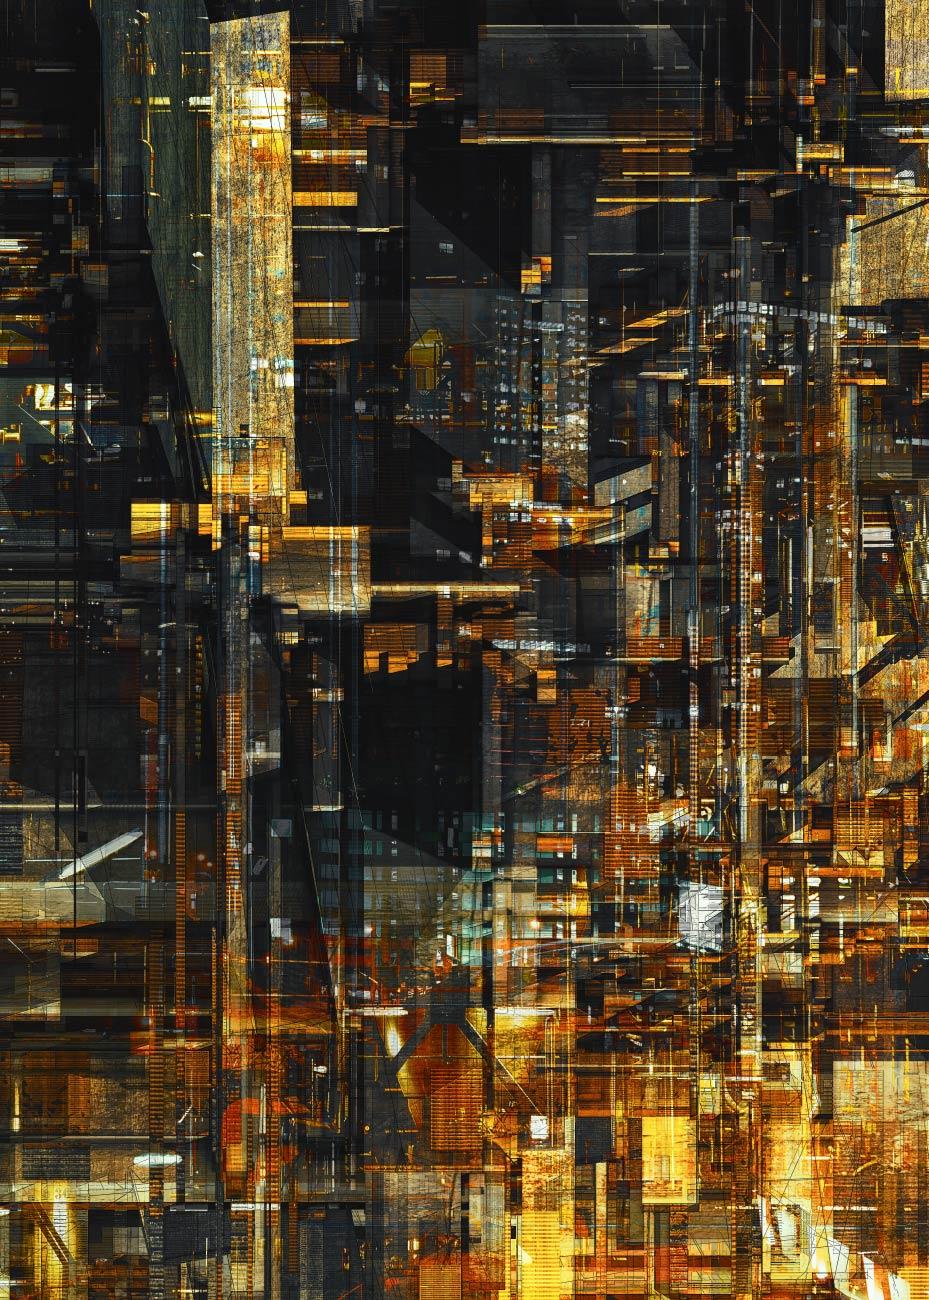 MEGA CITY 01